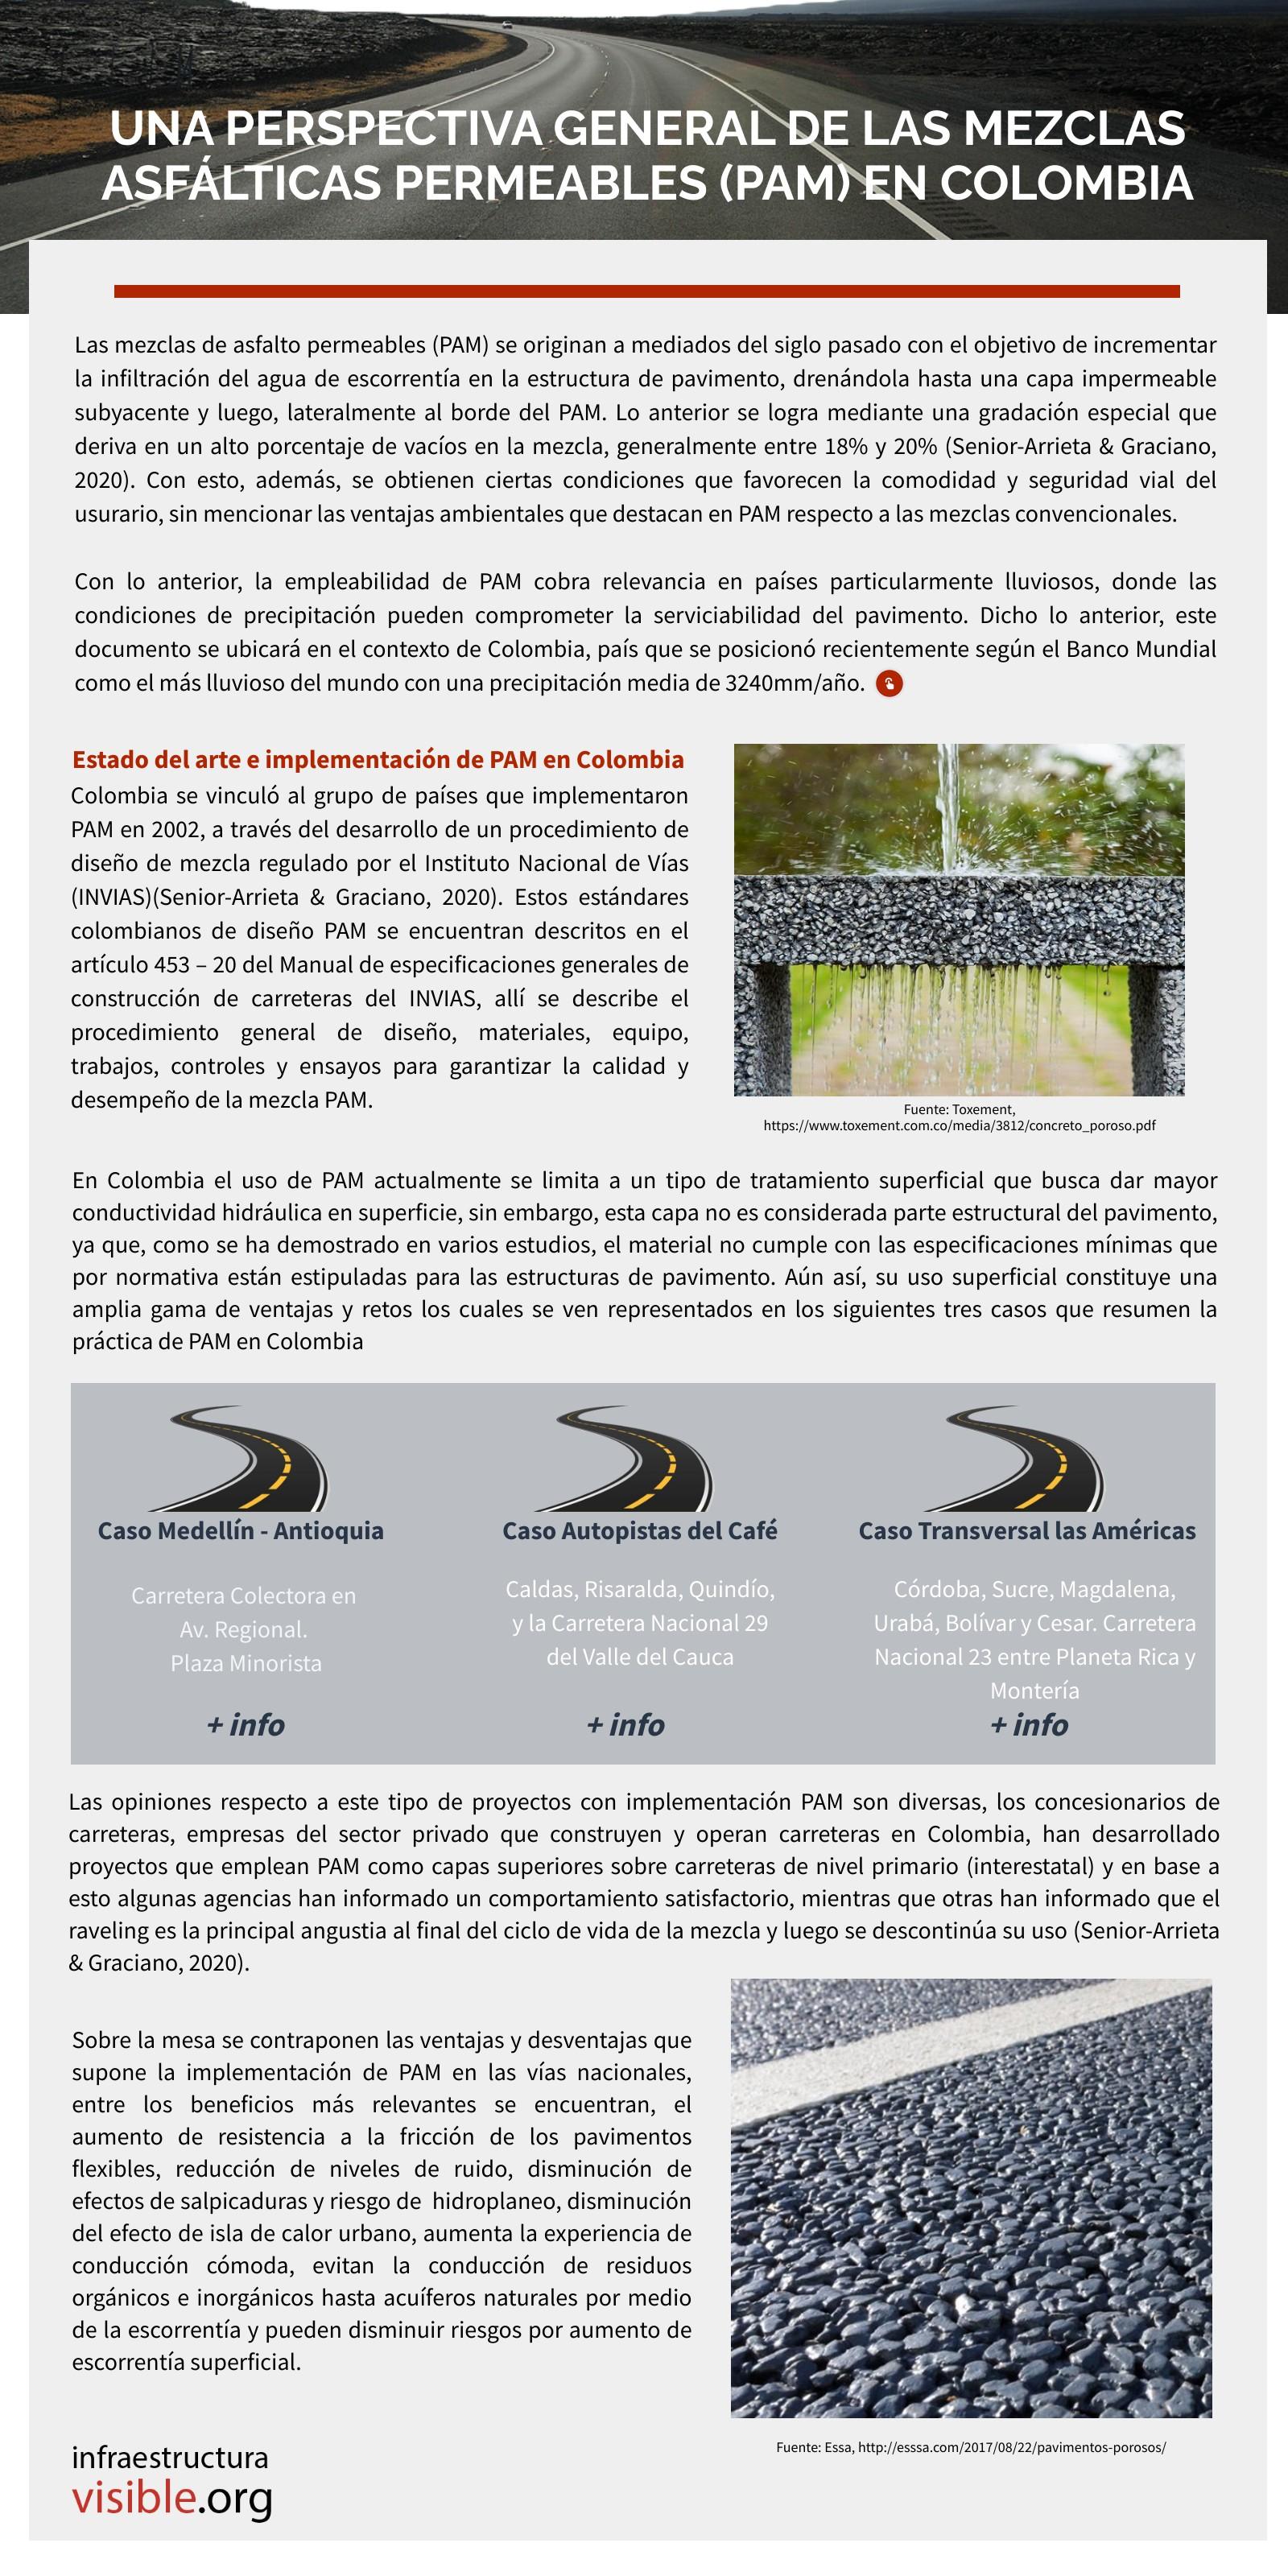 Una perspectiva general de las mezclas asfálticas permeables (PAM) en Colombia